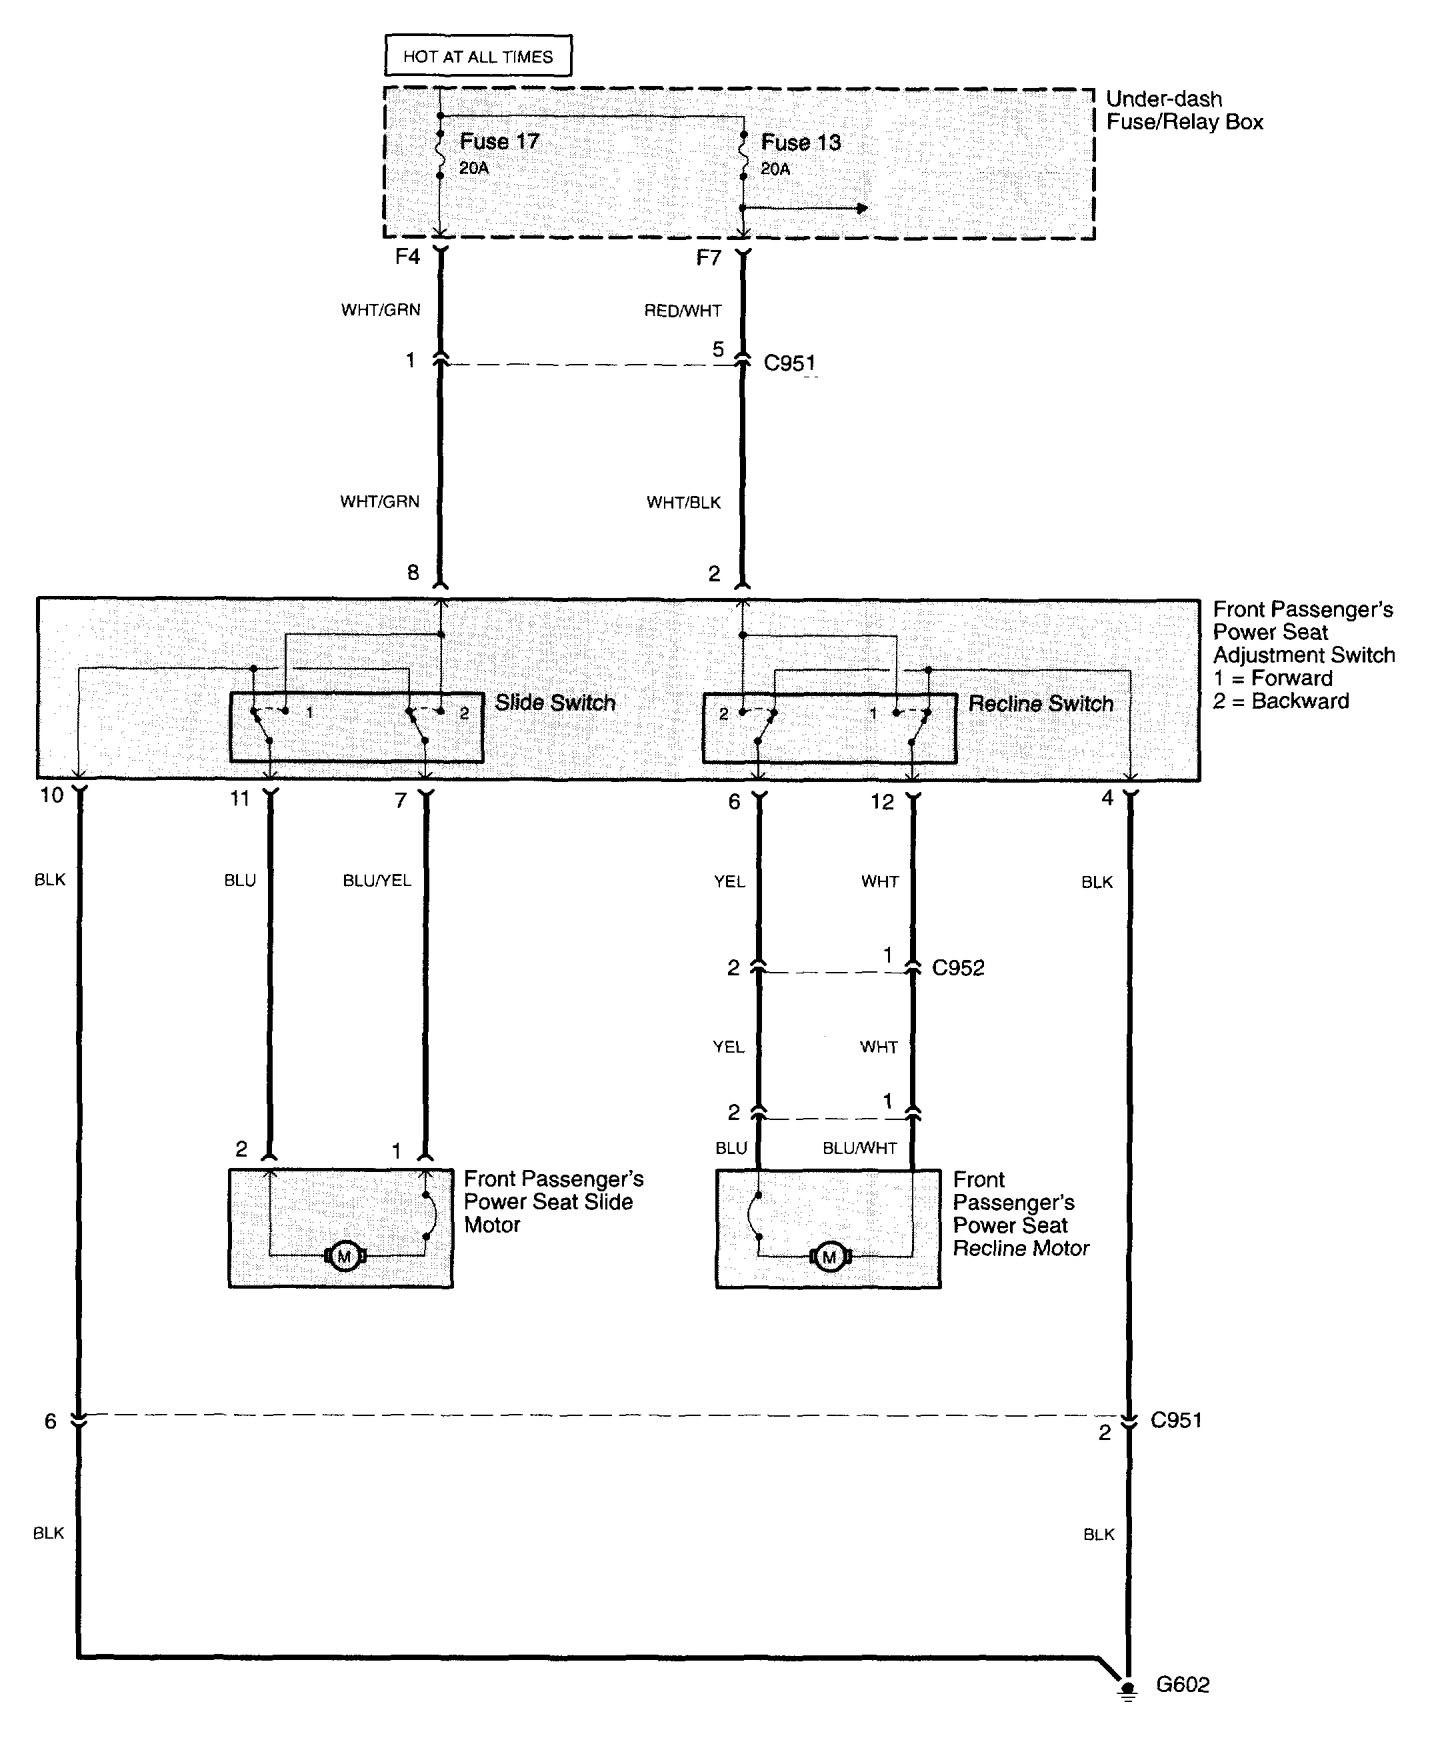 Acura Tl  2003 - 2005  - Wiring Diagrams